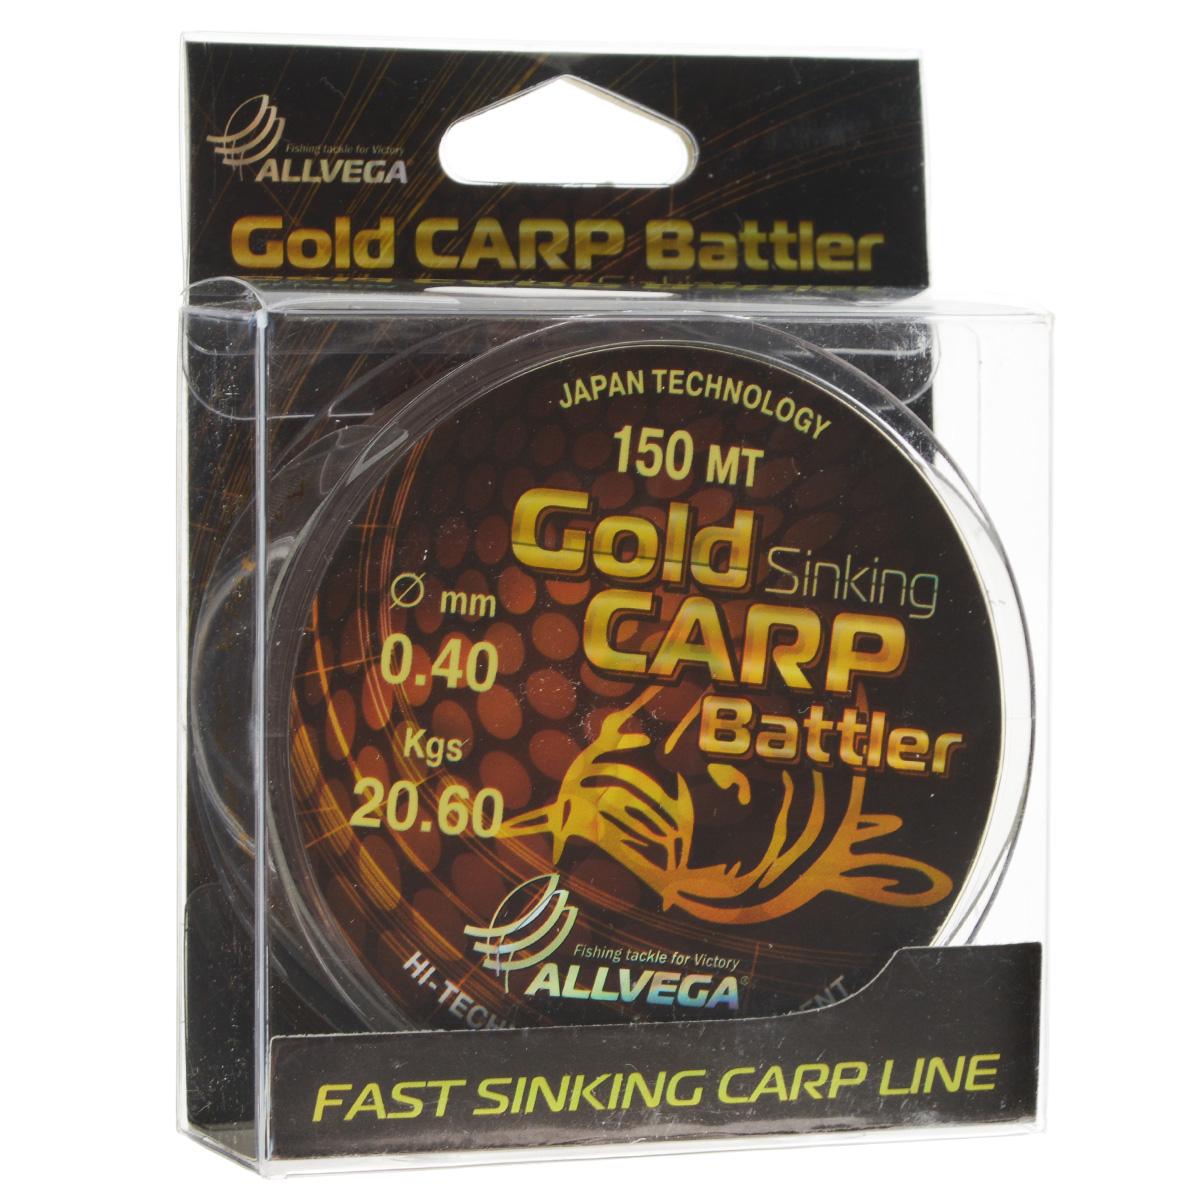 Леска Allvega Gold Carp Battler, цвет: коричневый, 150 м, 0,40 мм, 20,6 кг39952Карповая леска Allvega Gold Carp Battler была разработана для ловли действительно крупной рыбы. Устойчива к большим нагрузкам в условиях густой растительности и коряжнике. Специальный цвет имеет неоднородную структуру, что позволяет быть не заметной на дне. Хорошо тонет, что является важным критерием для выбора карповой лески.